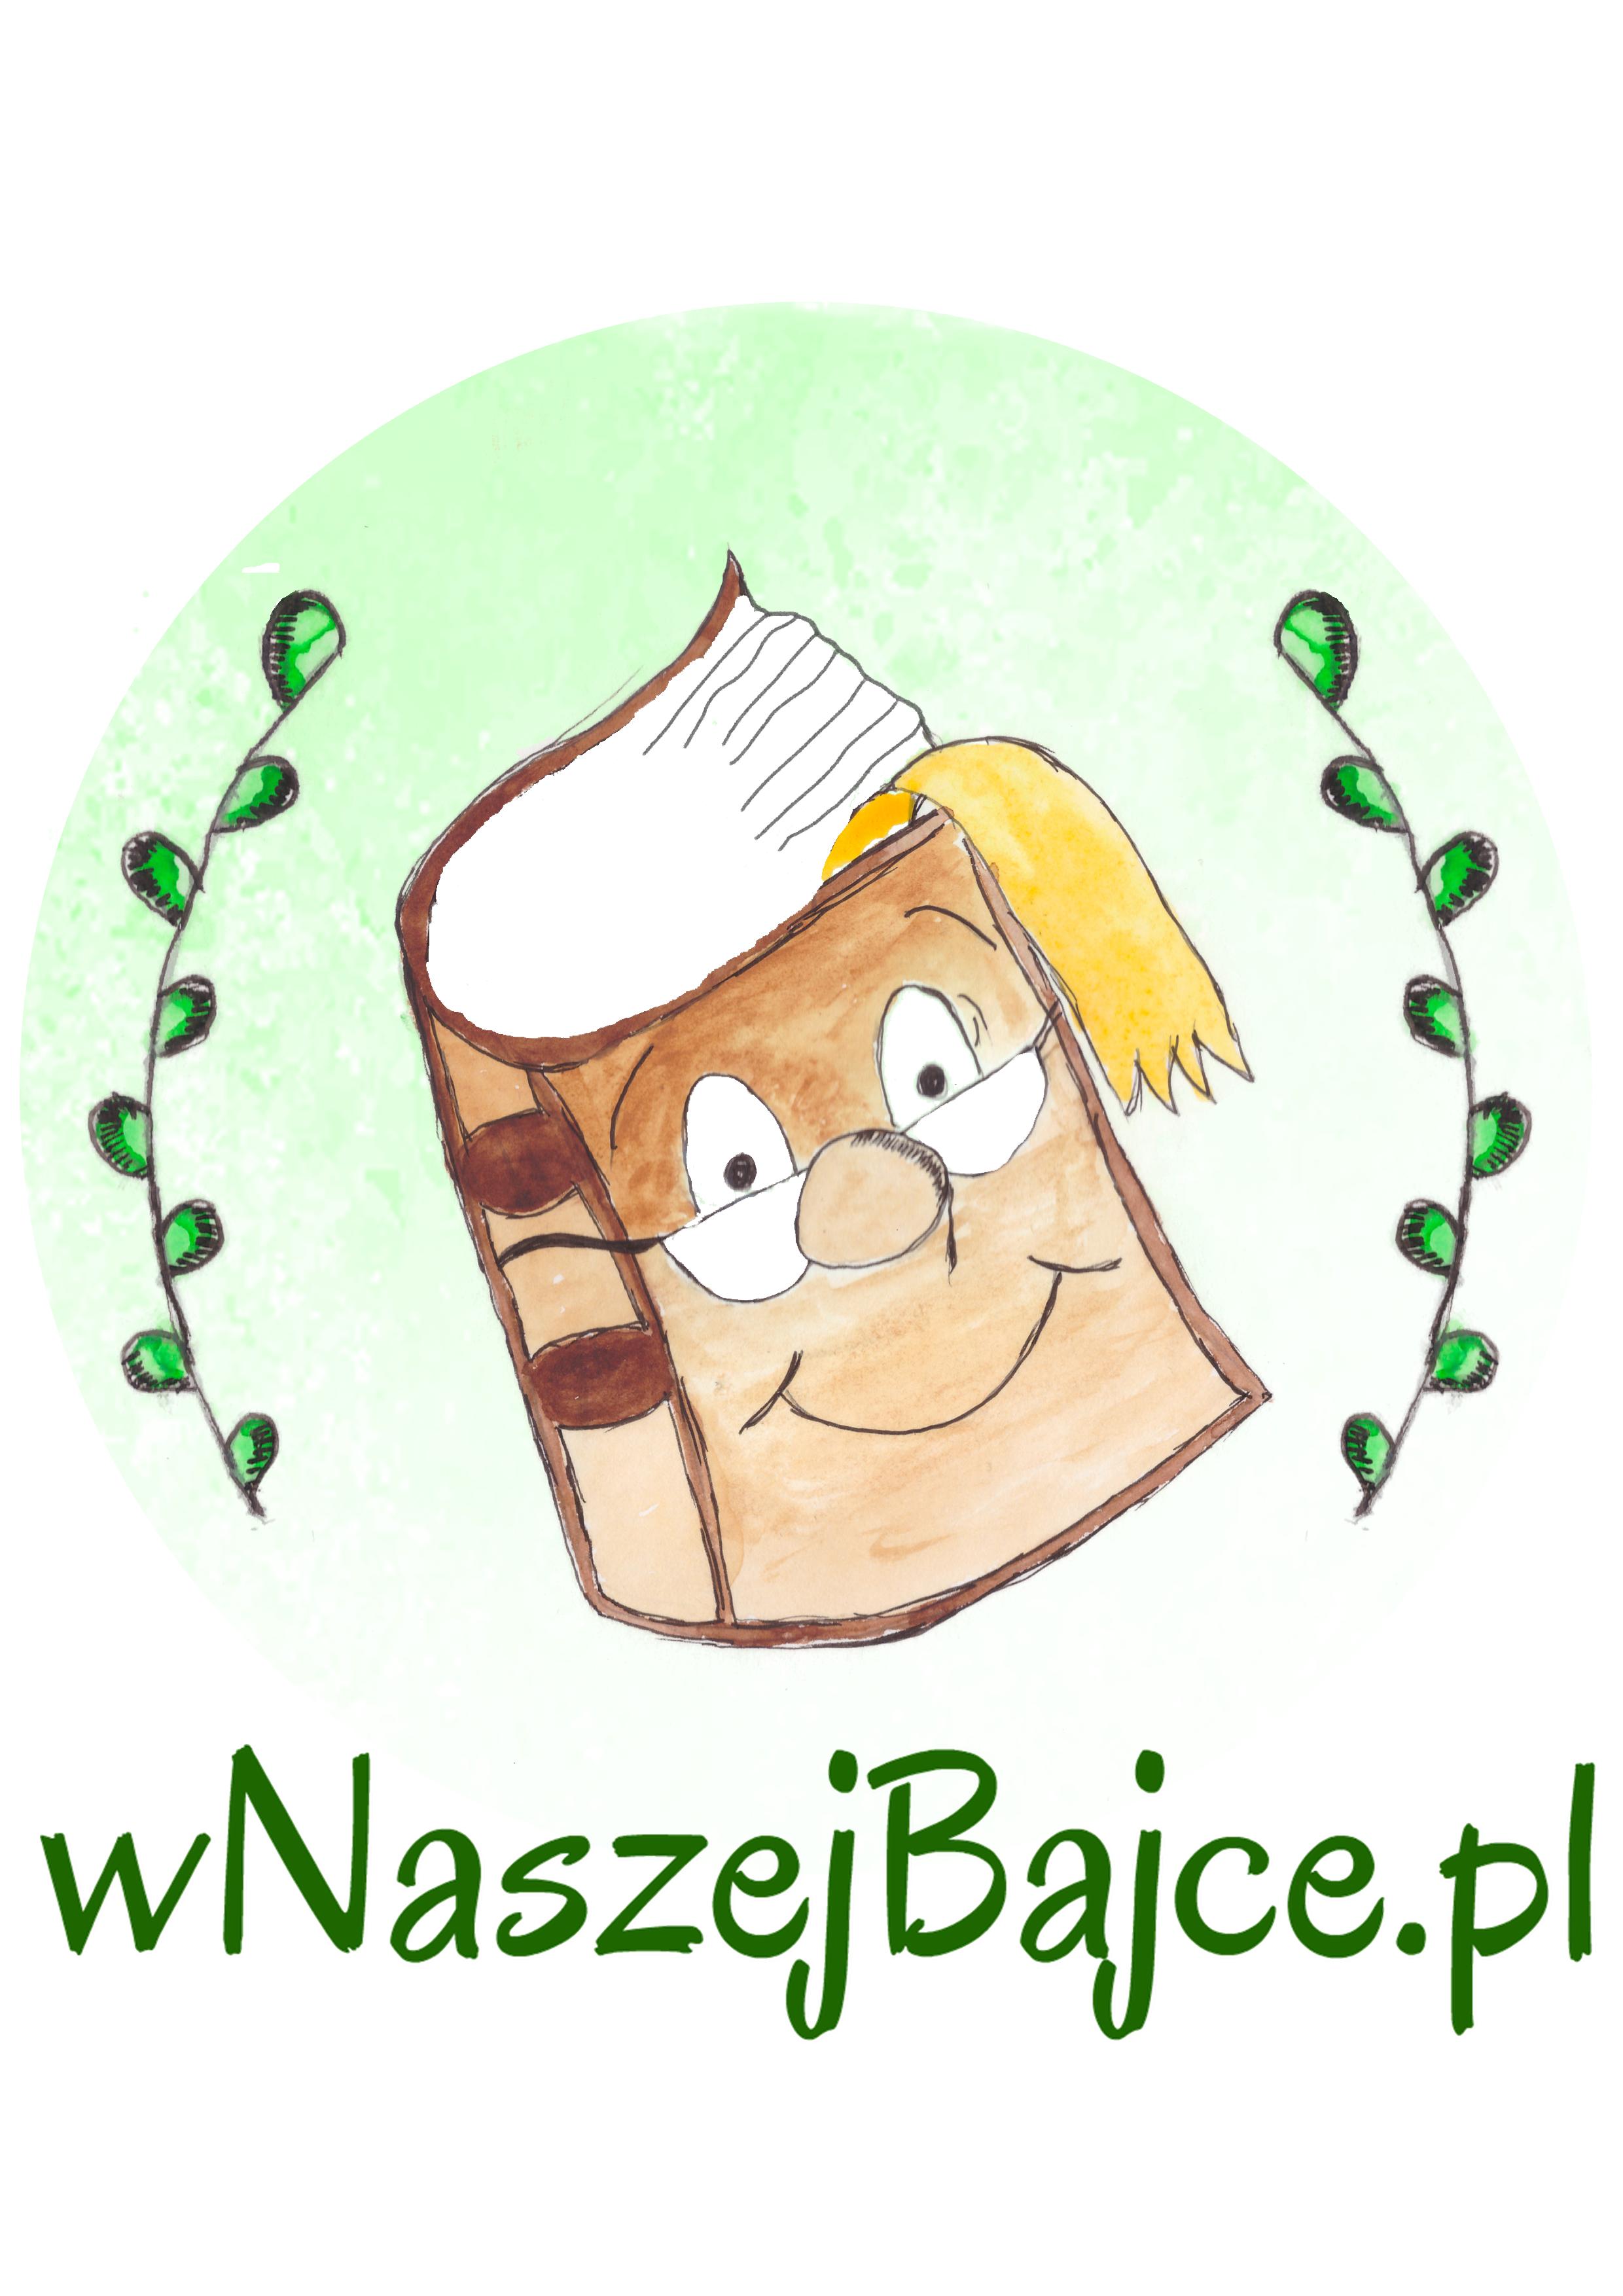 http://wnaszejbajce.pl